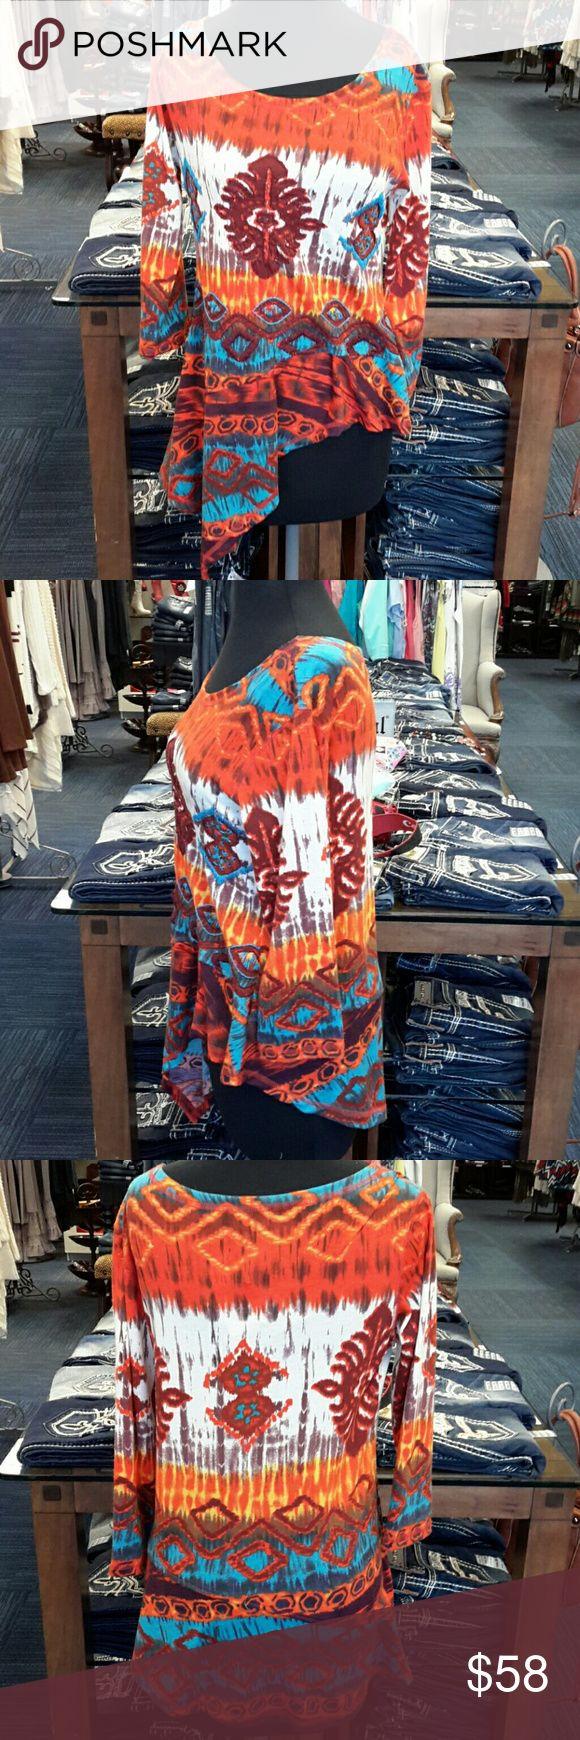 Urban Mango Aztec Orange/Blue Blouse Urban Mango Aztec Orange/Blue Blouse, 65% Polyester, 35% Cotton Urban Mango Tops Blouses